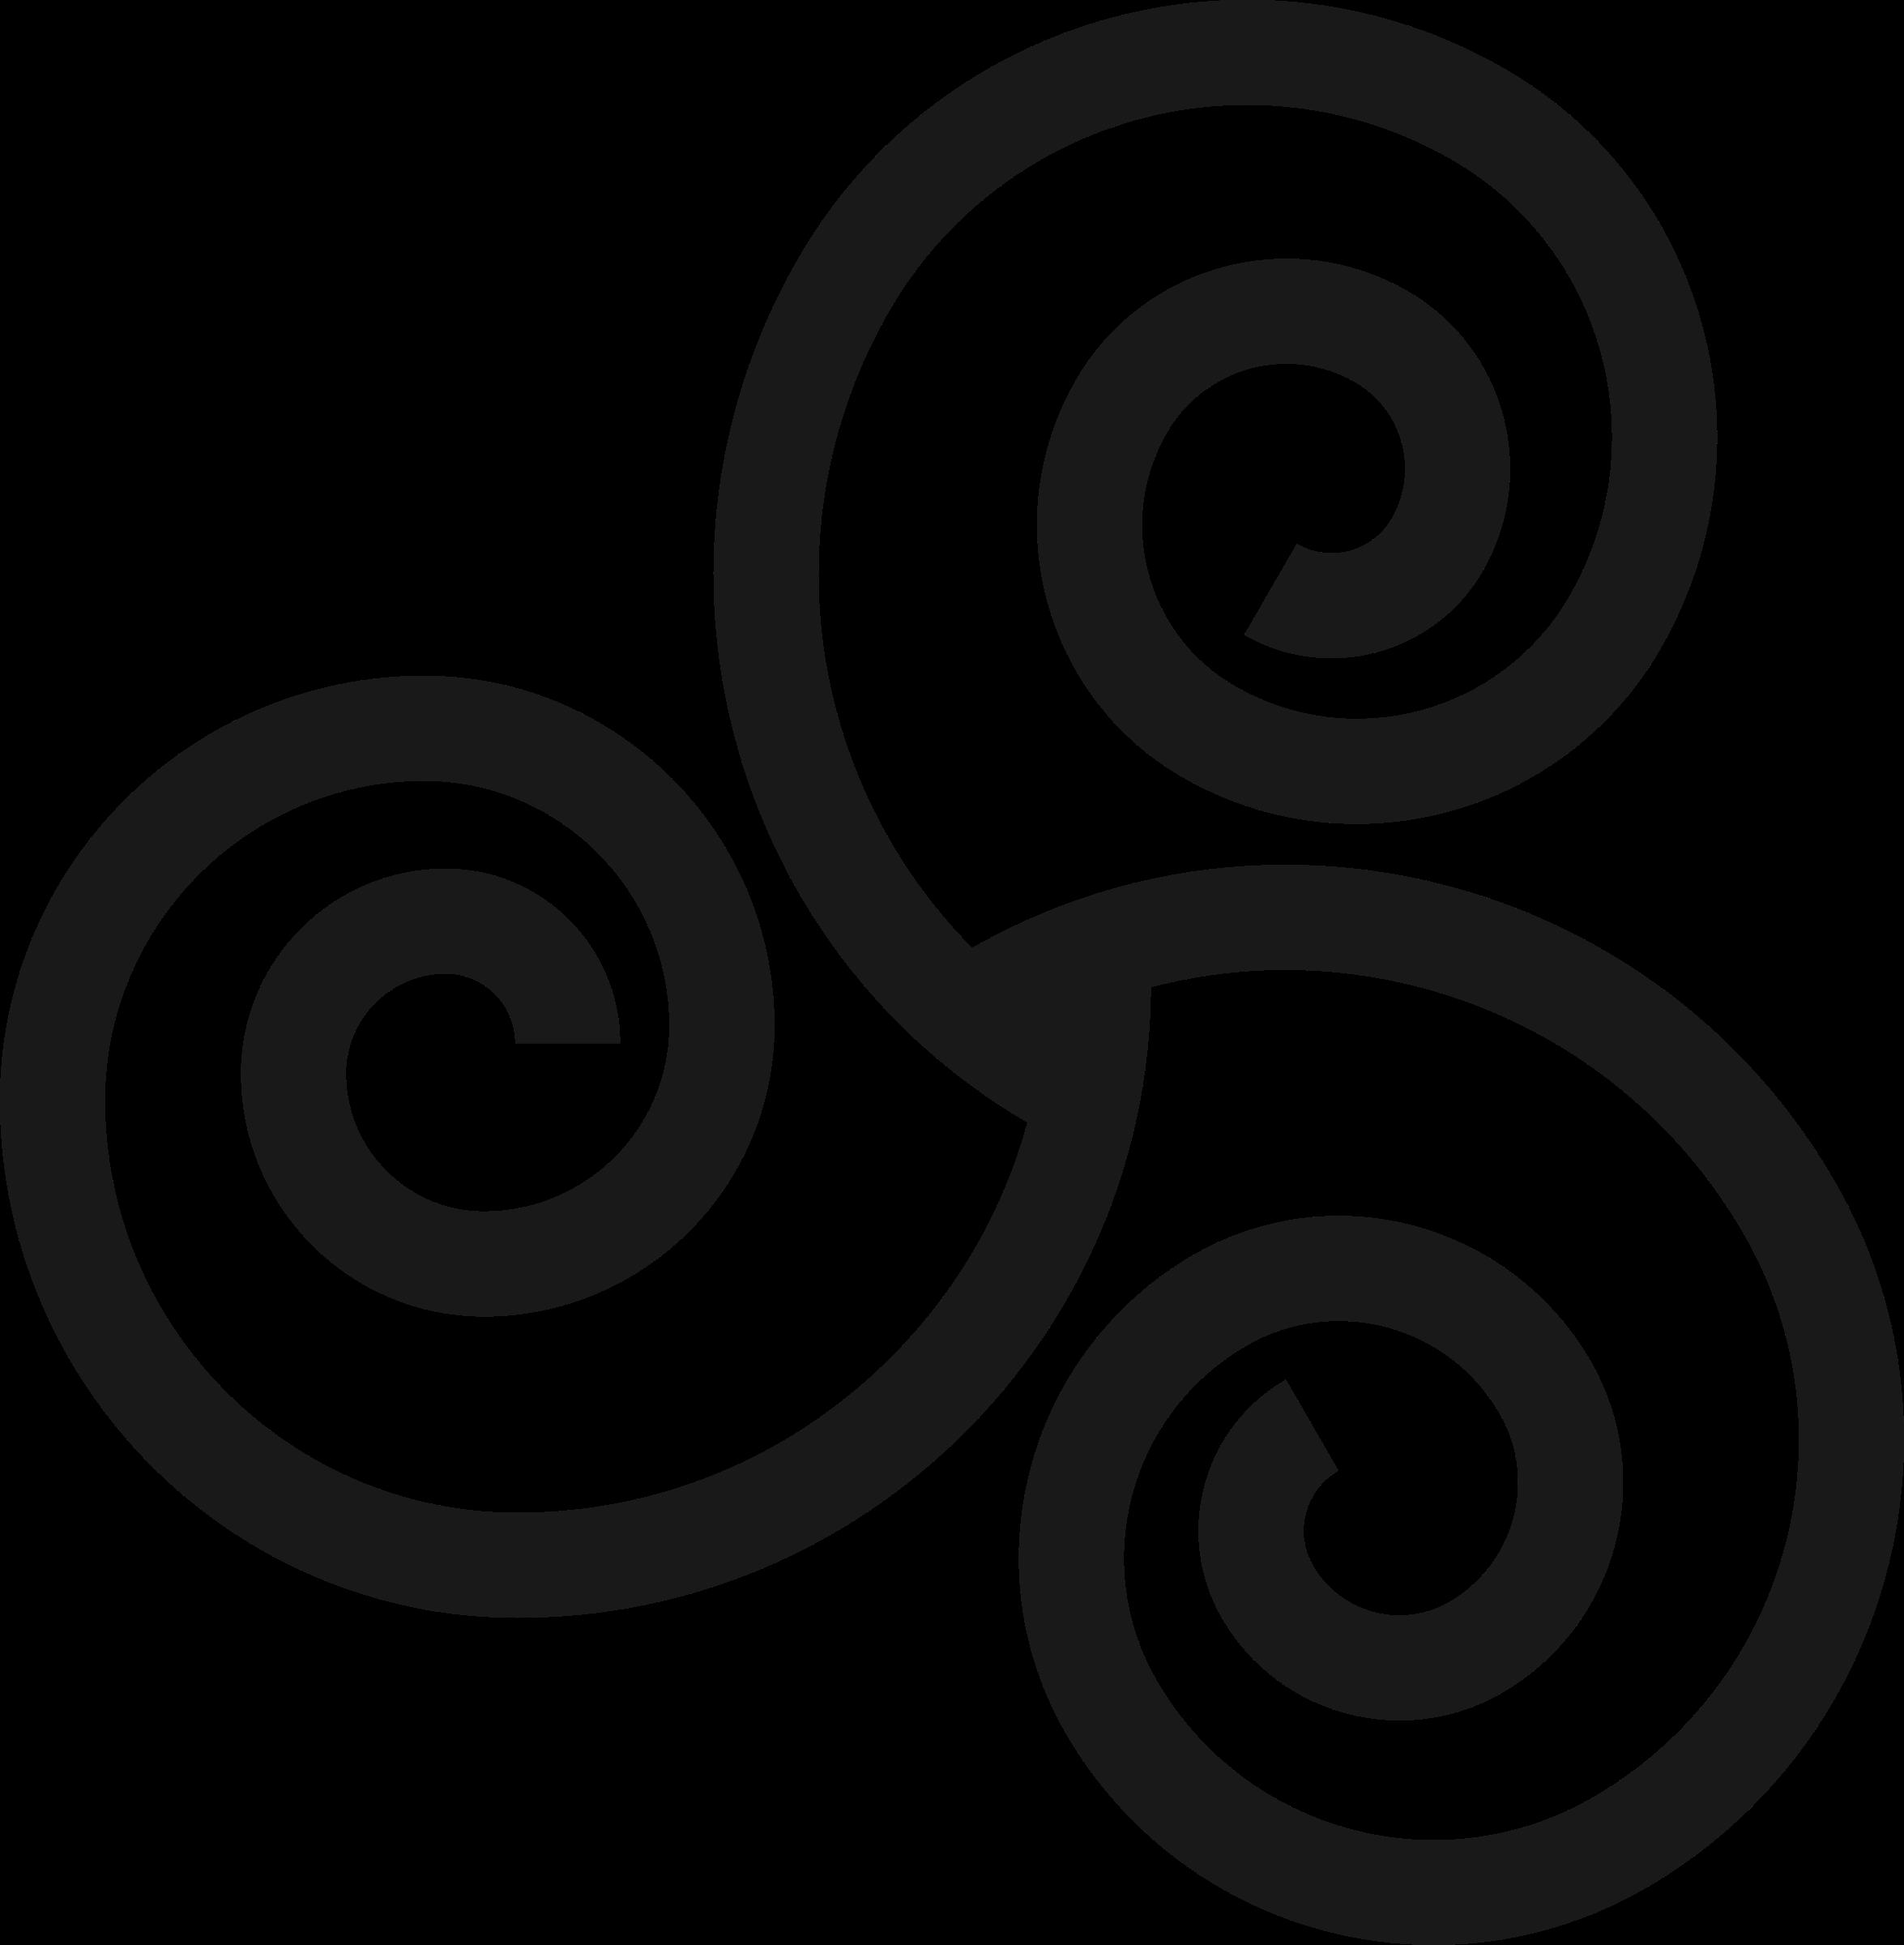 Triskelion. Water clipart spiral